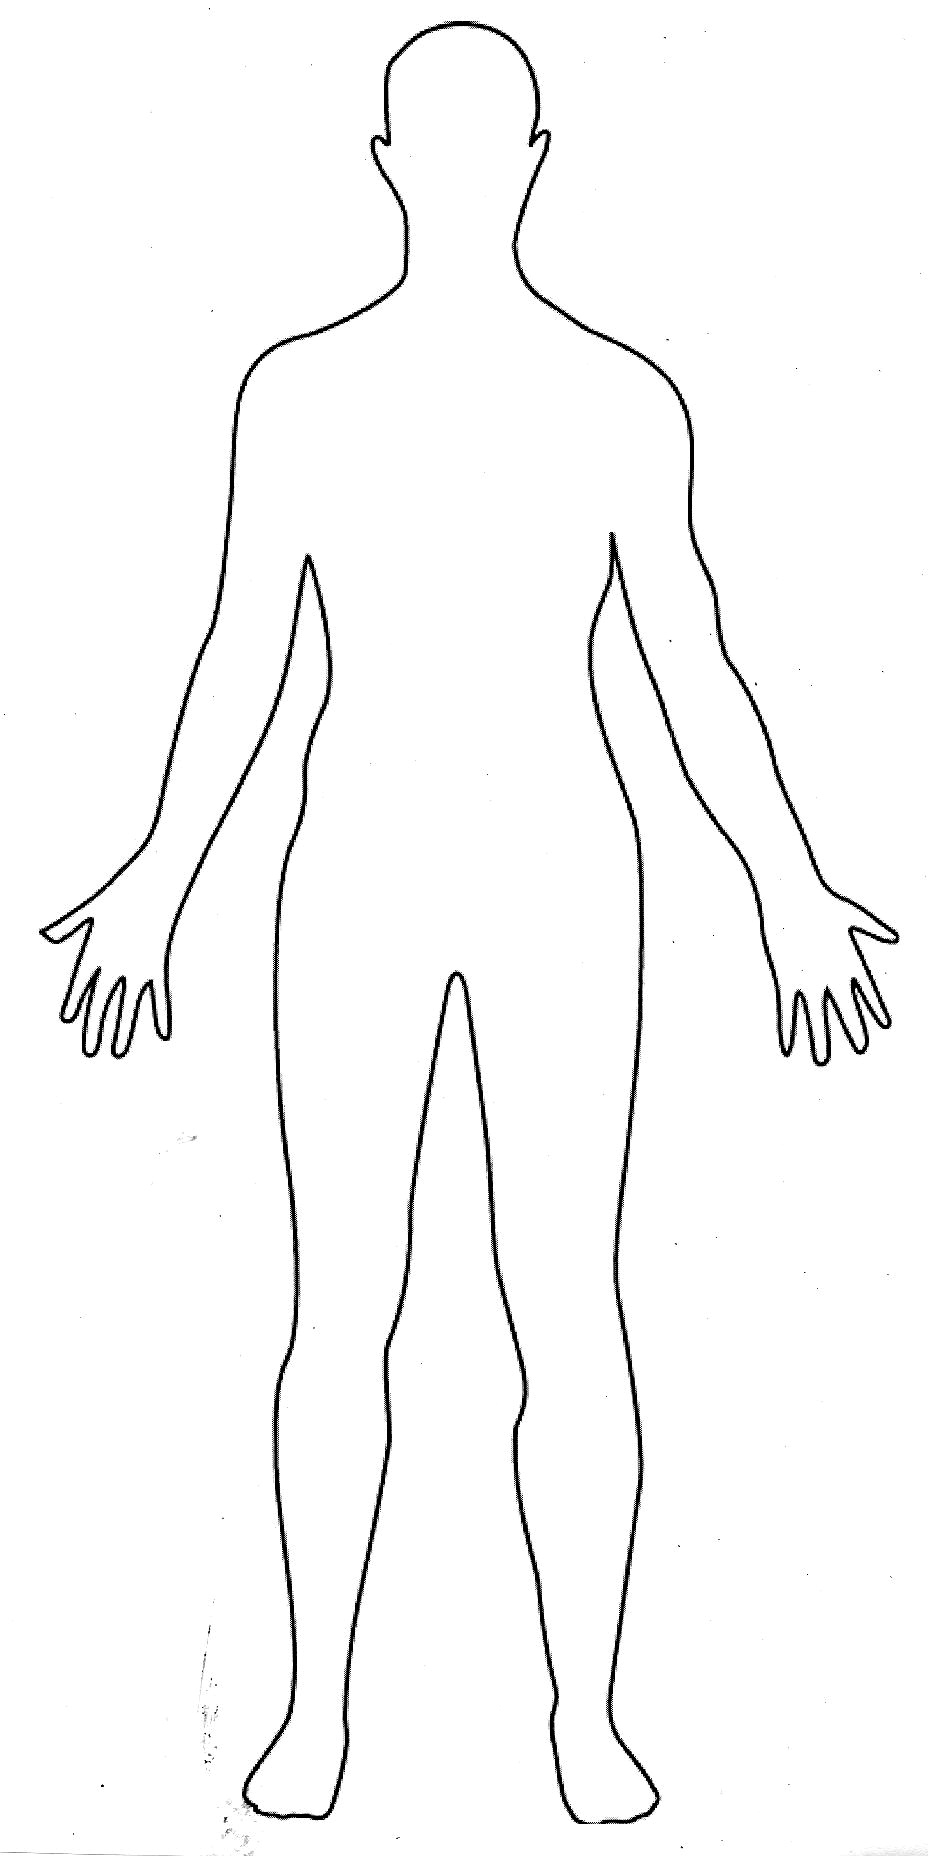 woman of upper torso diagram